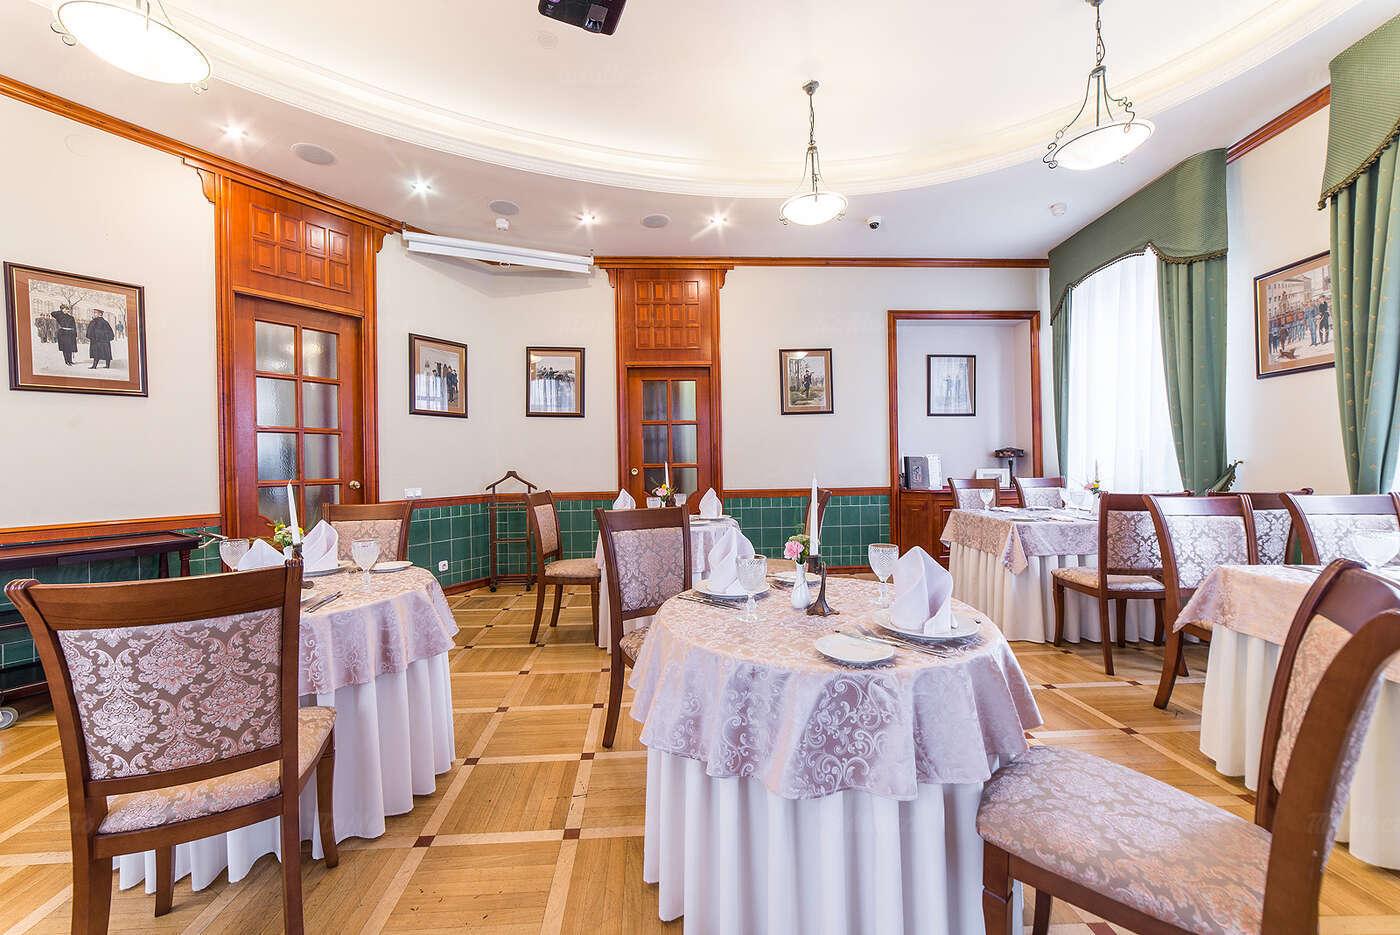 Ресторан 1913 год на Вознесенском проспекте